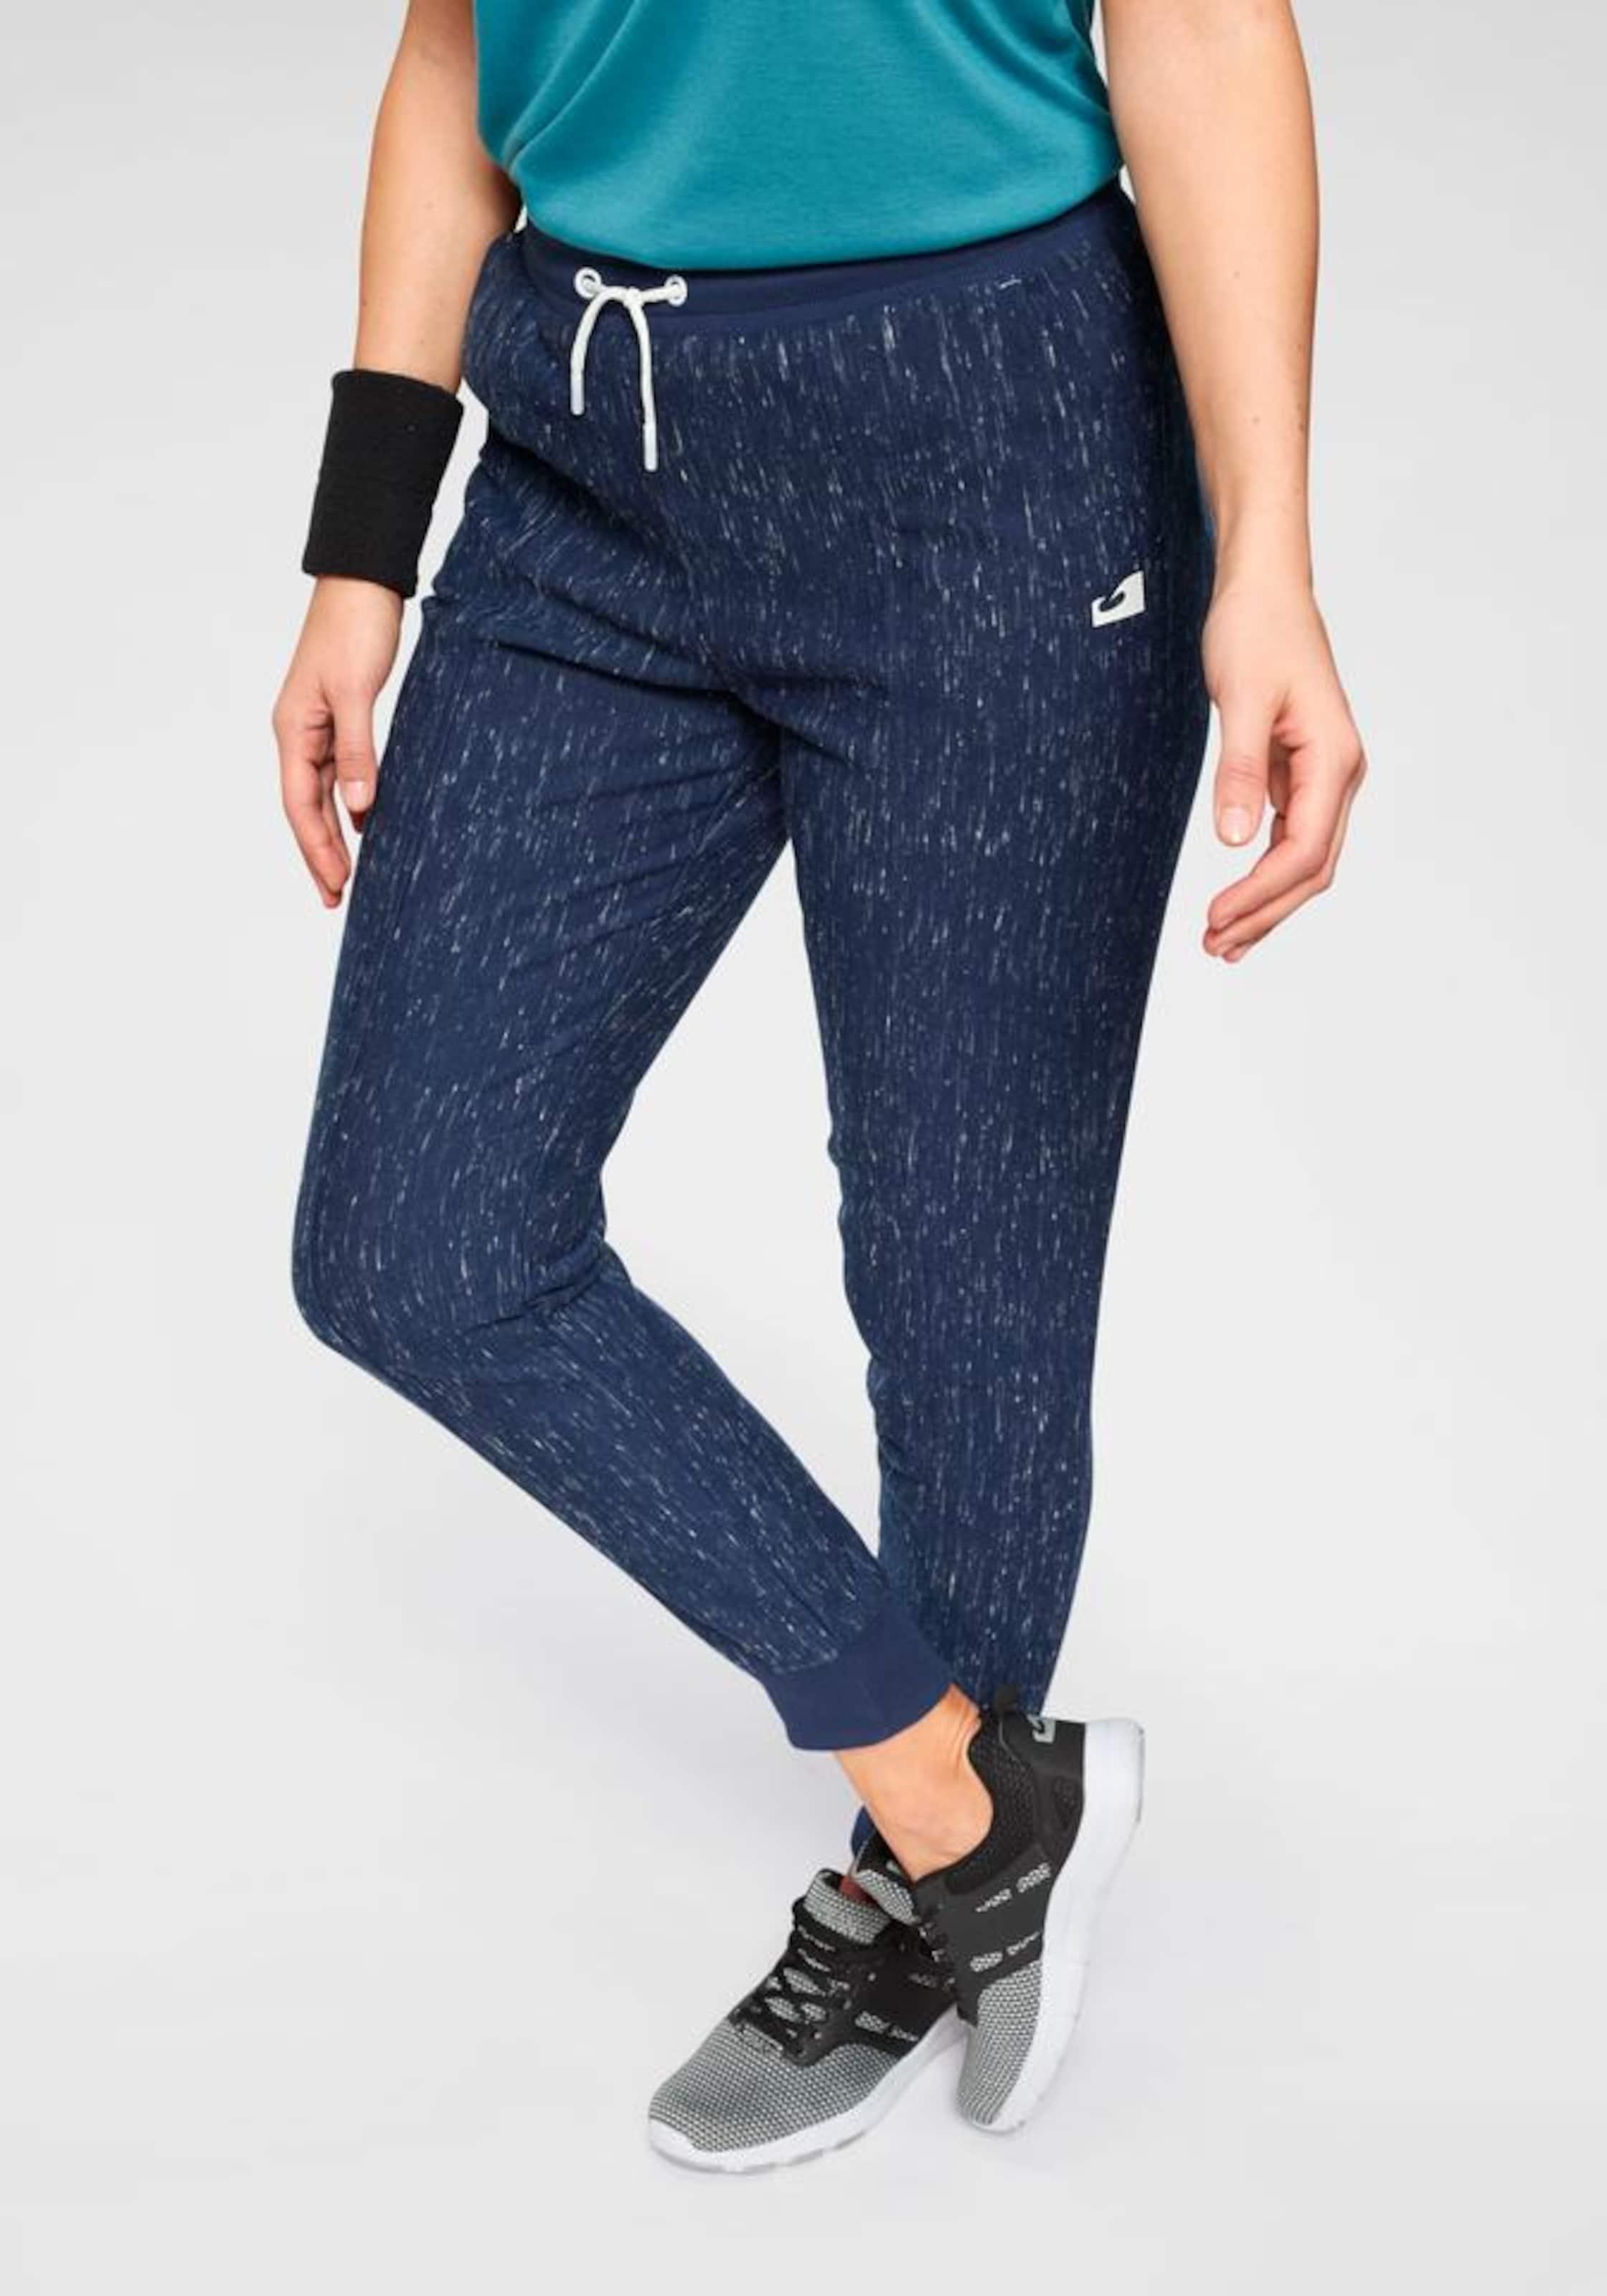 Sportswear In Ocean Sportswear Navy Ocean Jogginghose hsdQrt